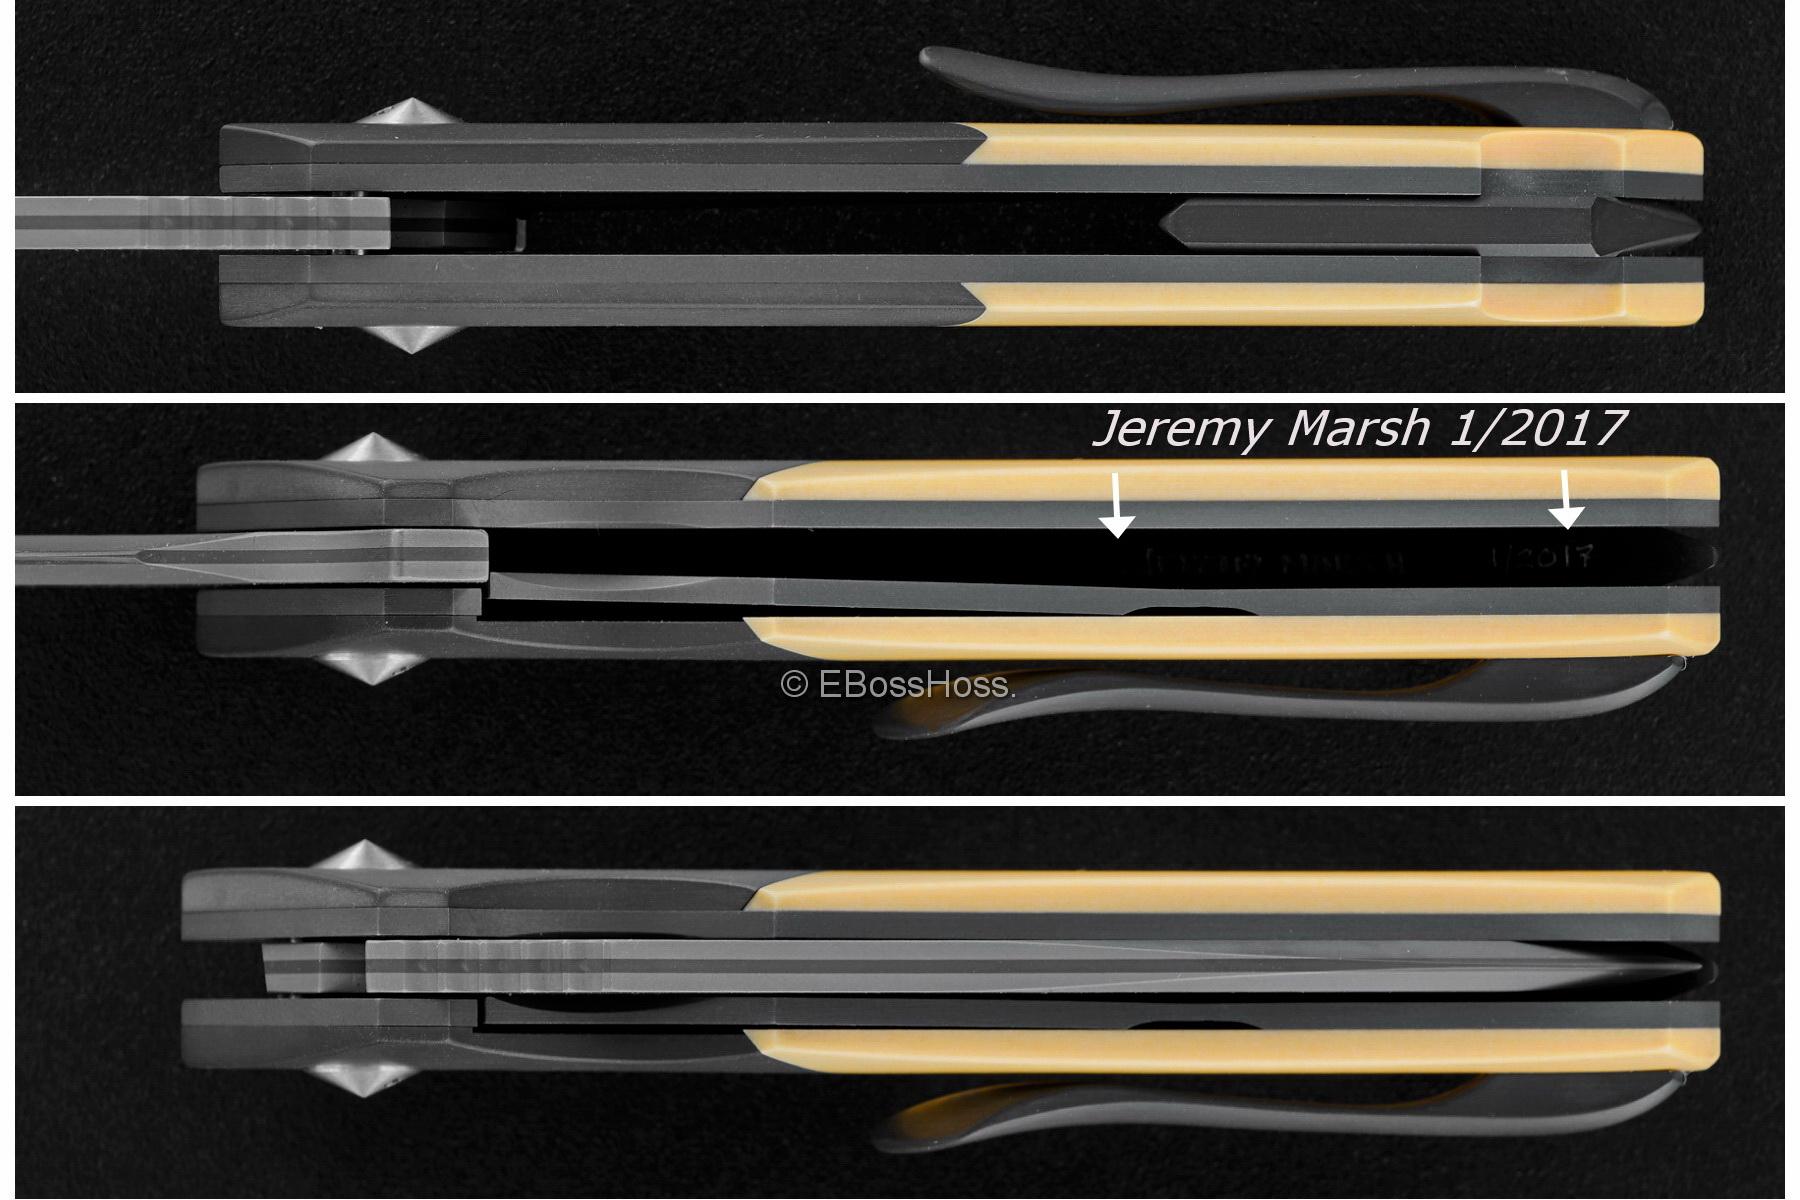 Jeremy Marsh Custom Deluxe Pickle Flipper